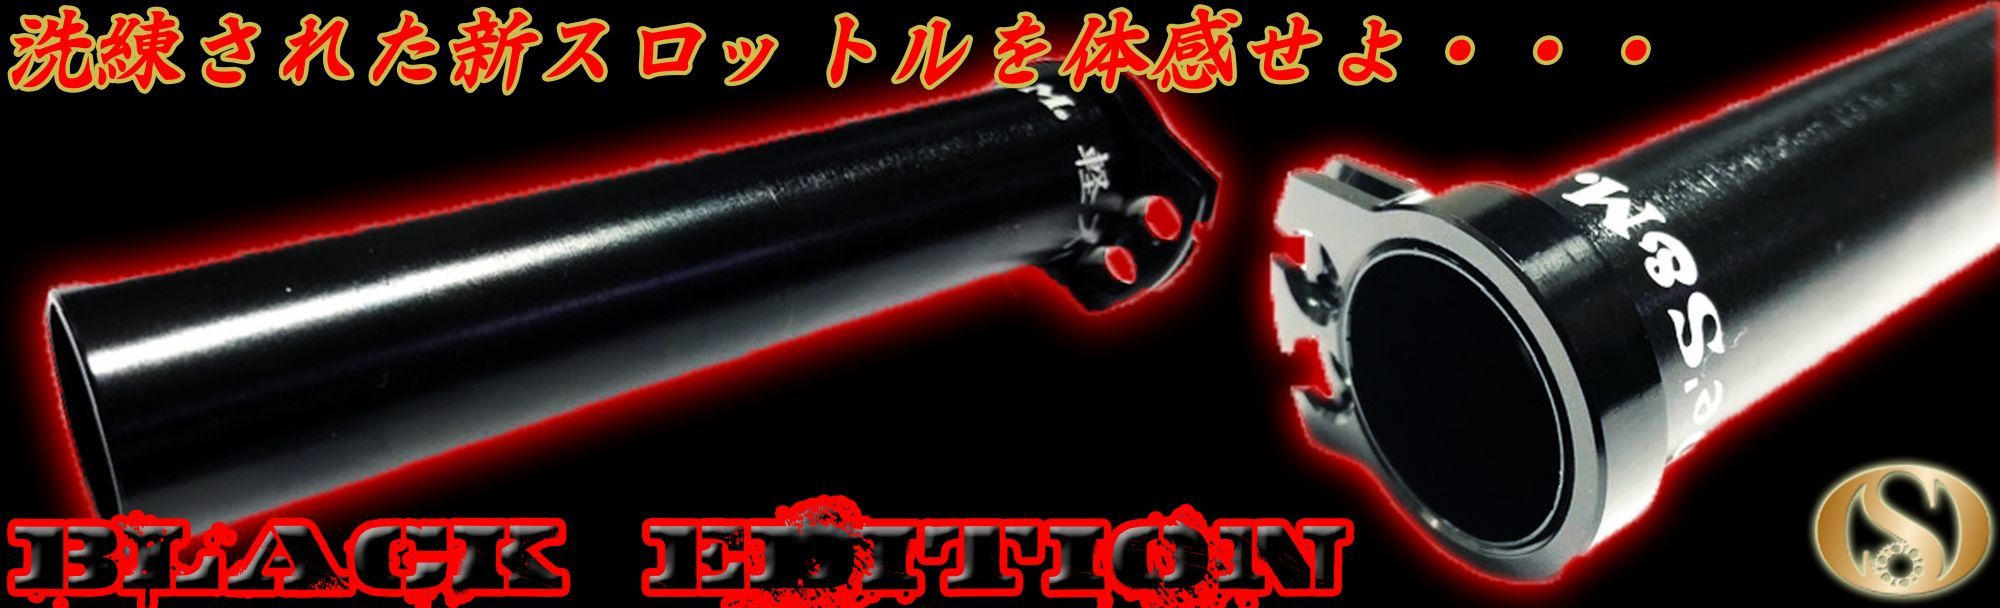 軽スロSP BLACK EDITION